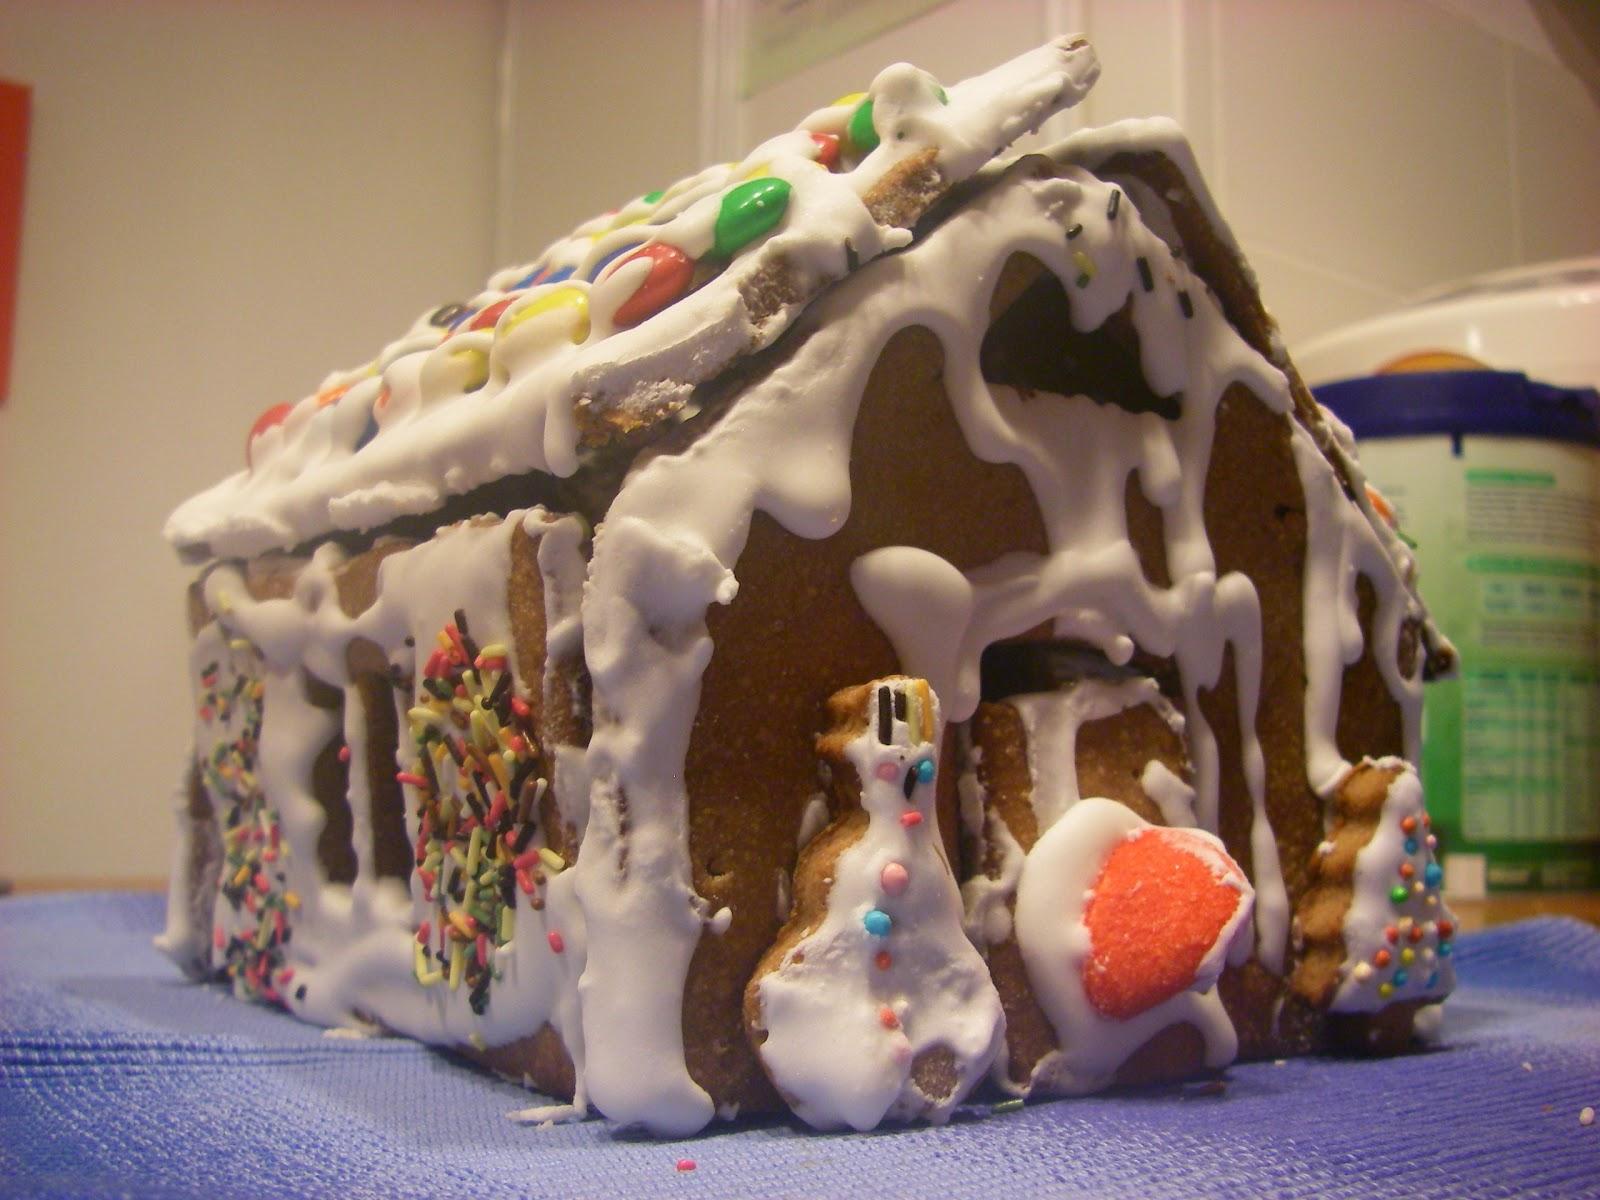 Casetta Di Natale Con Pasta Frolla : In cucina con monica natale e la casetta di pasta frolla dissestata